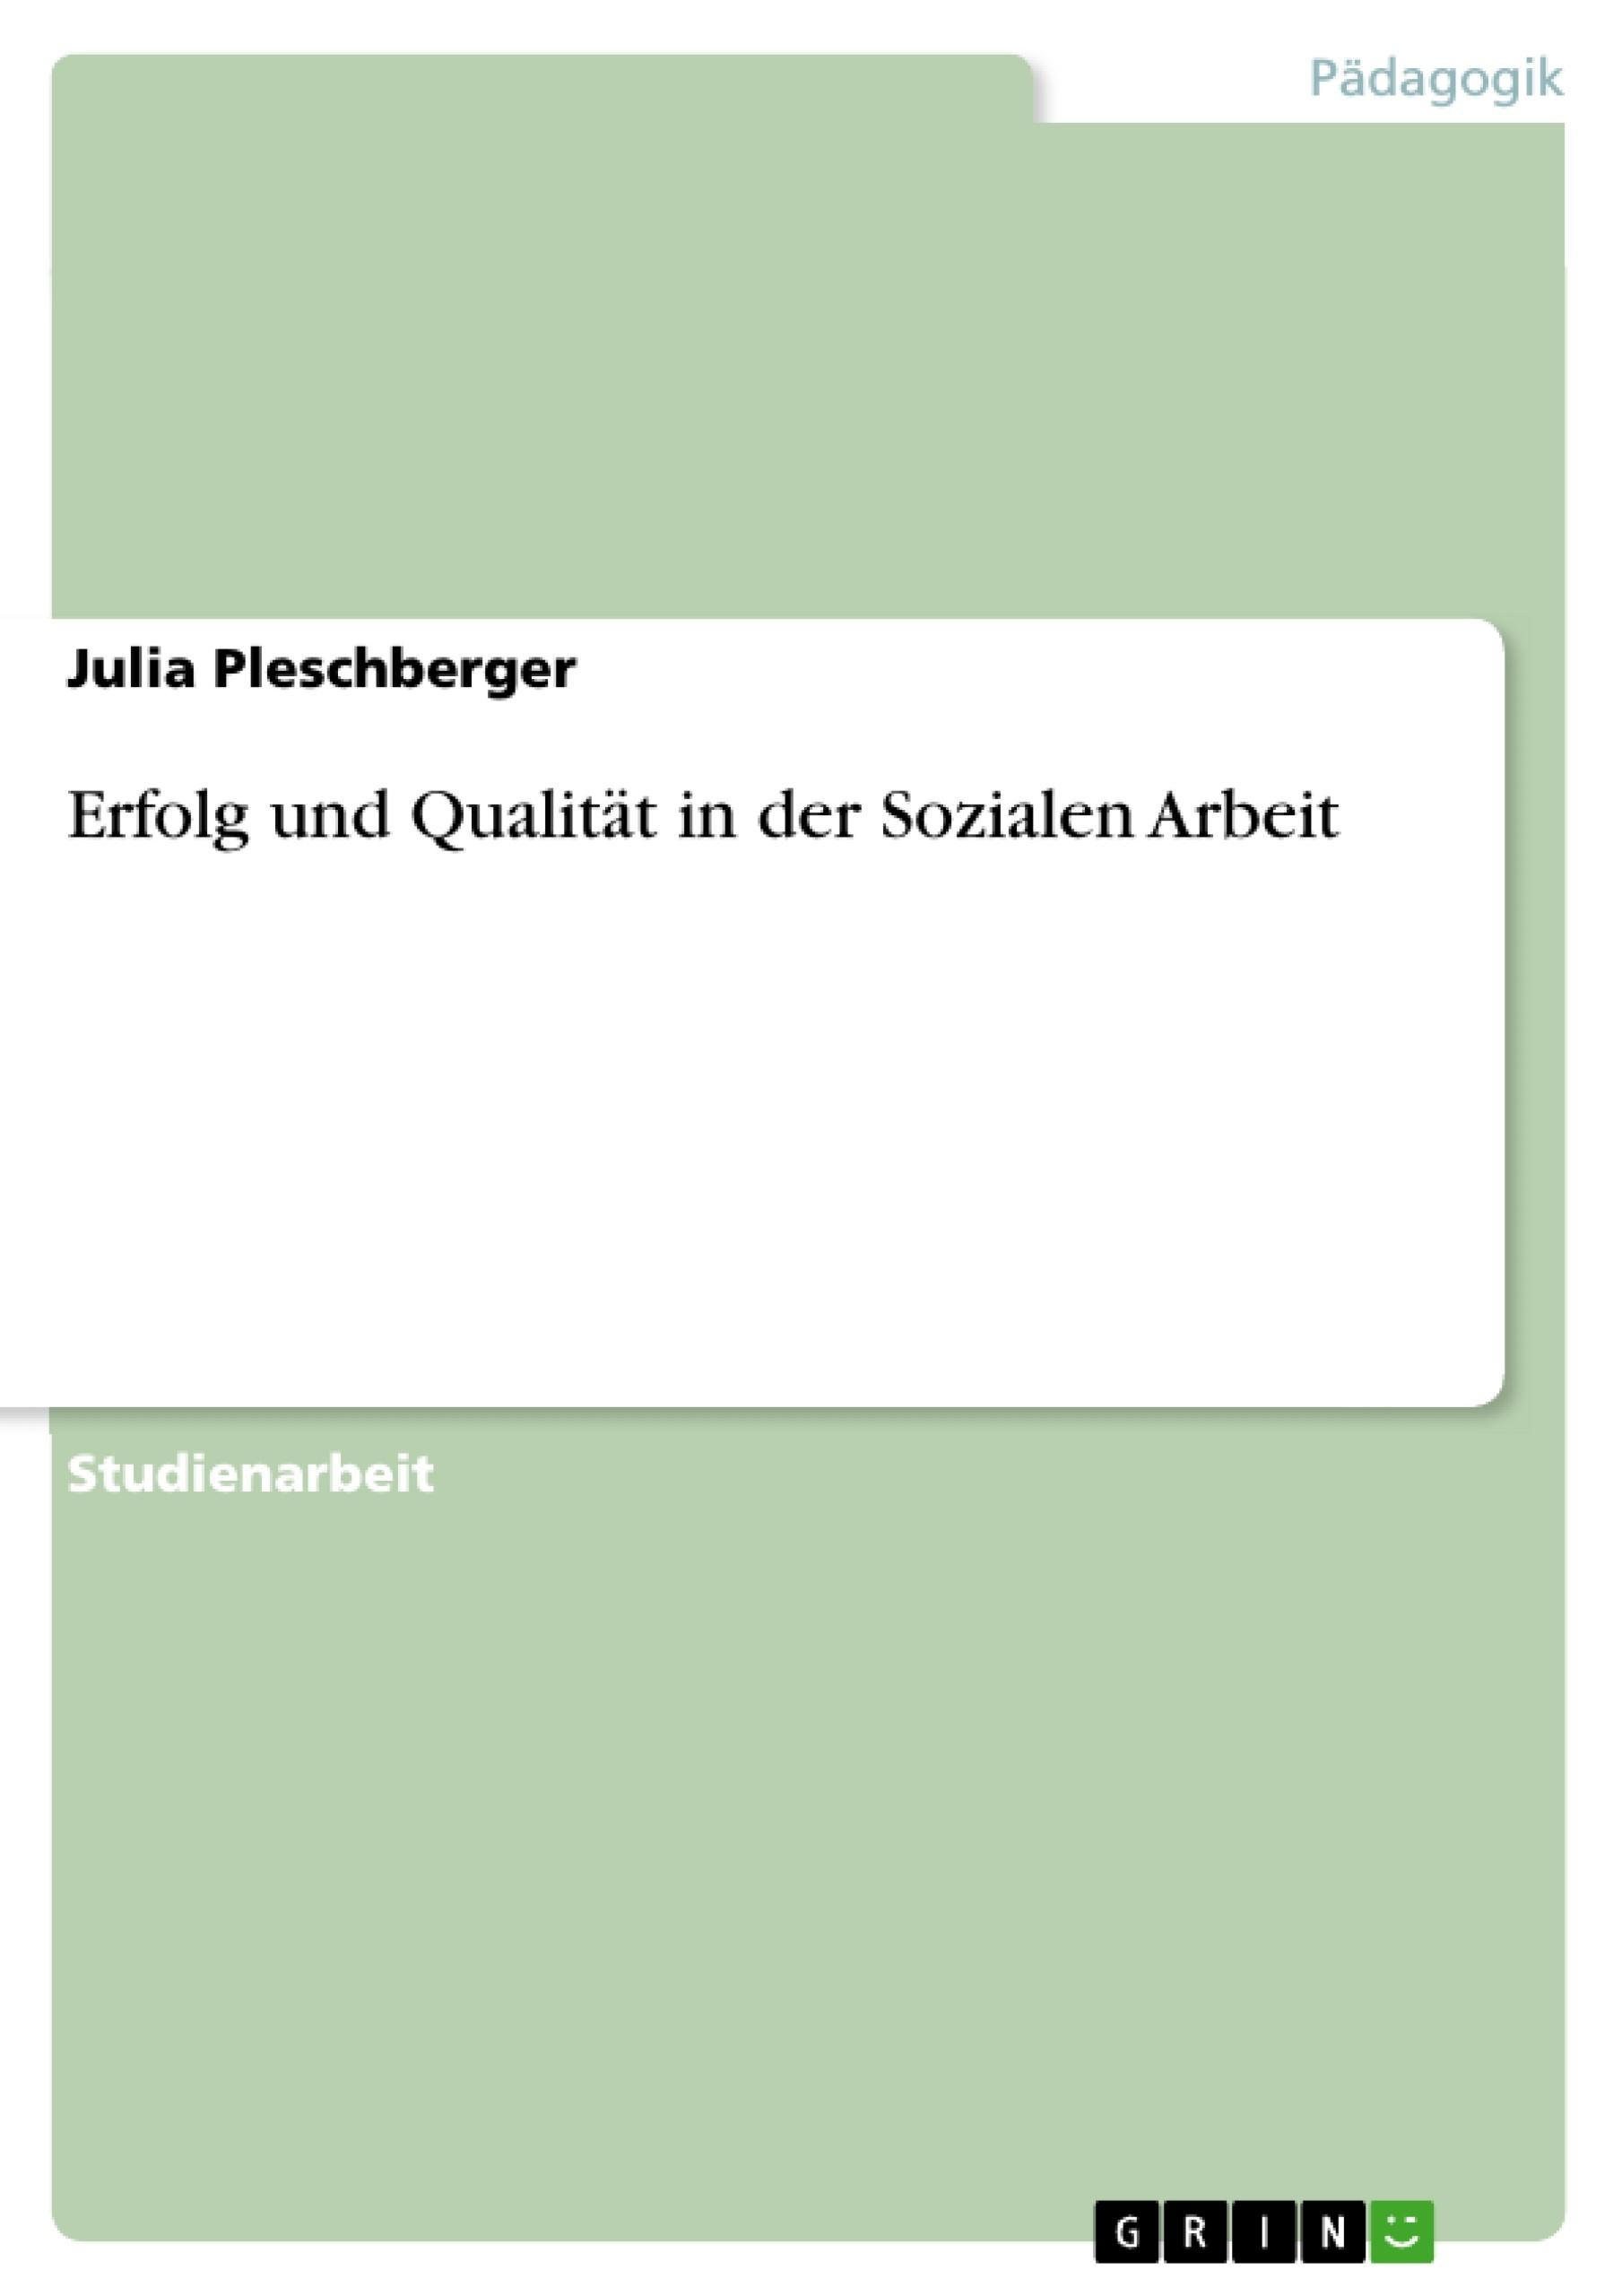 Titel: Erfolg und Qualität in der Sozialen Arbeit